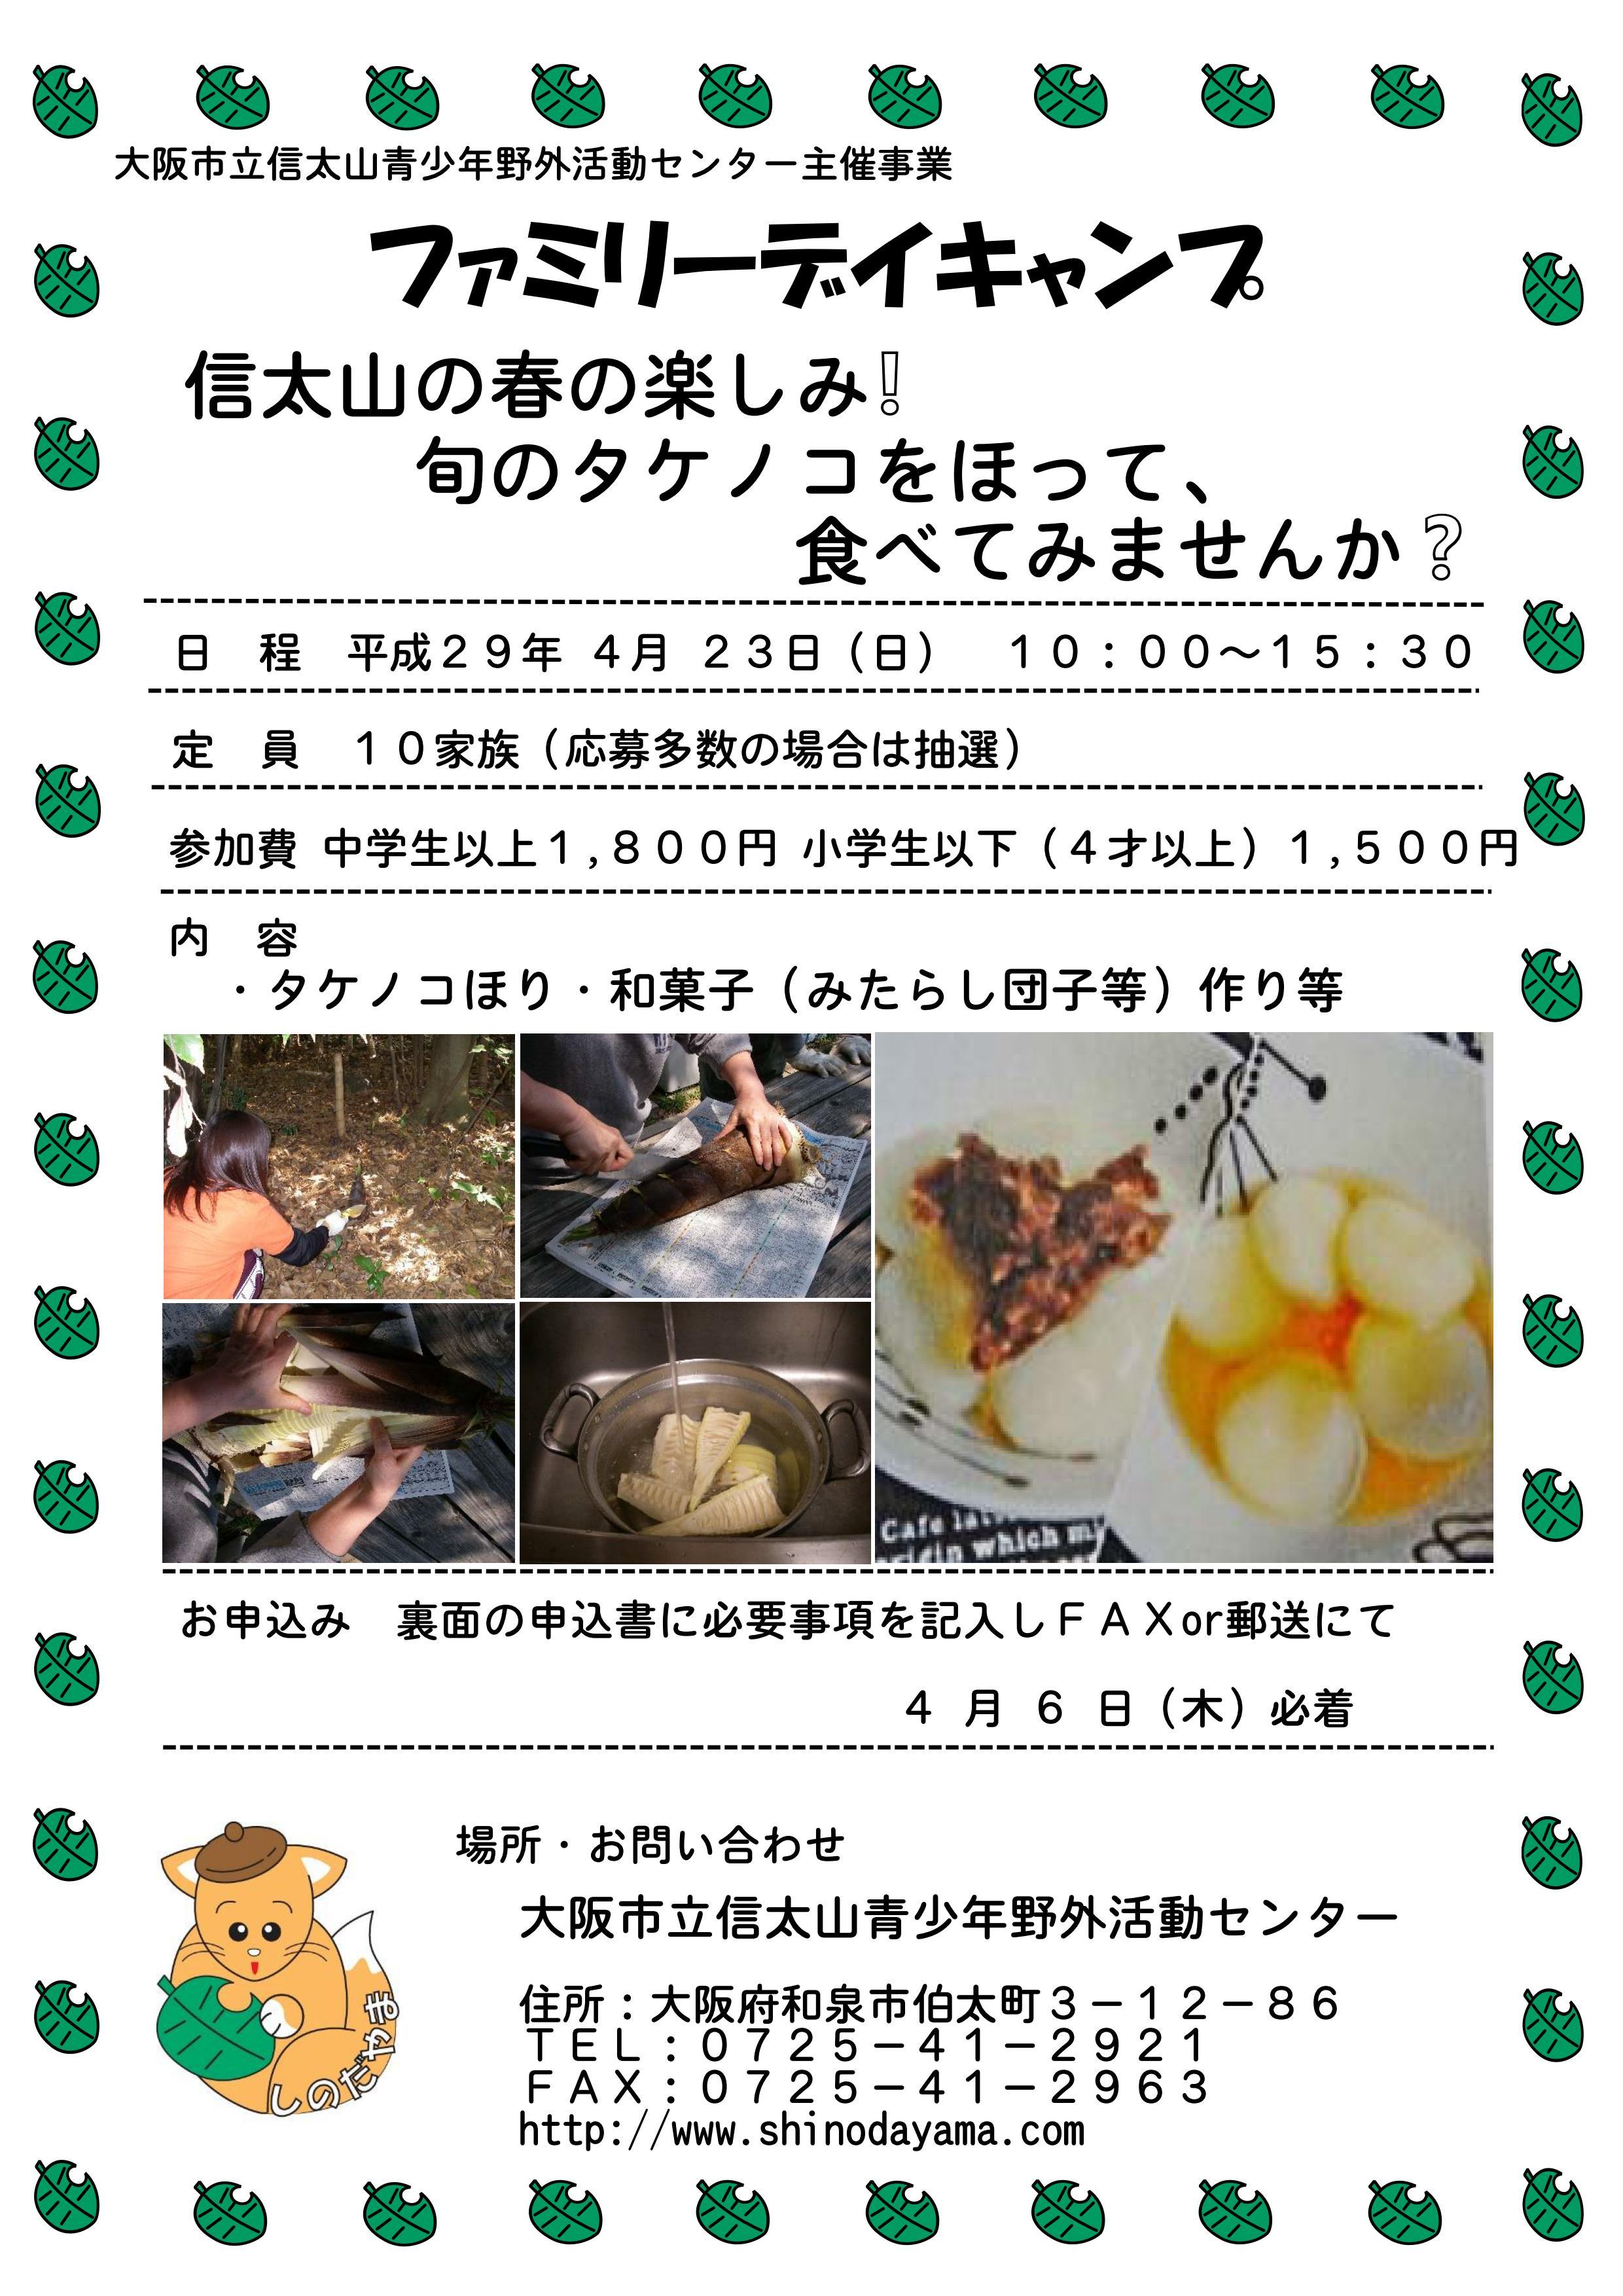 『ファミリーデイキャンプ』を開催します♪♪信太山青少年野外活動センターにて開催!